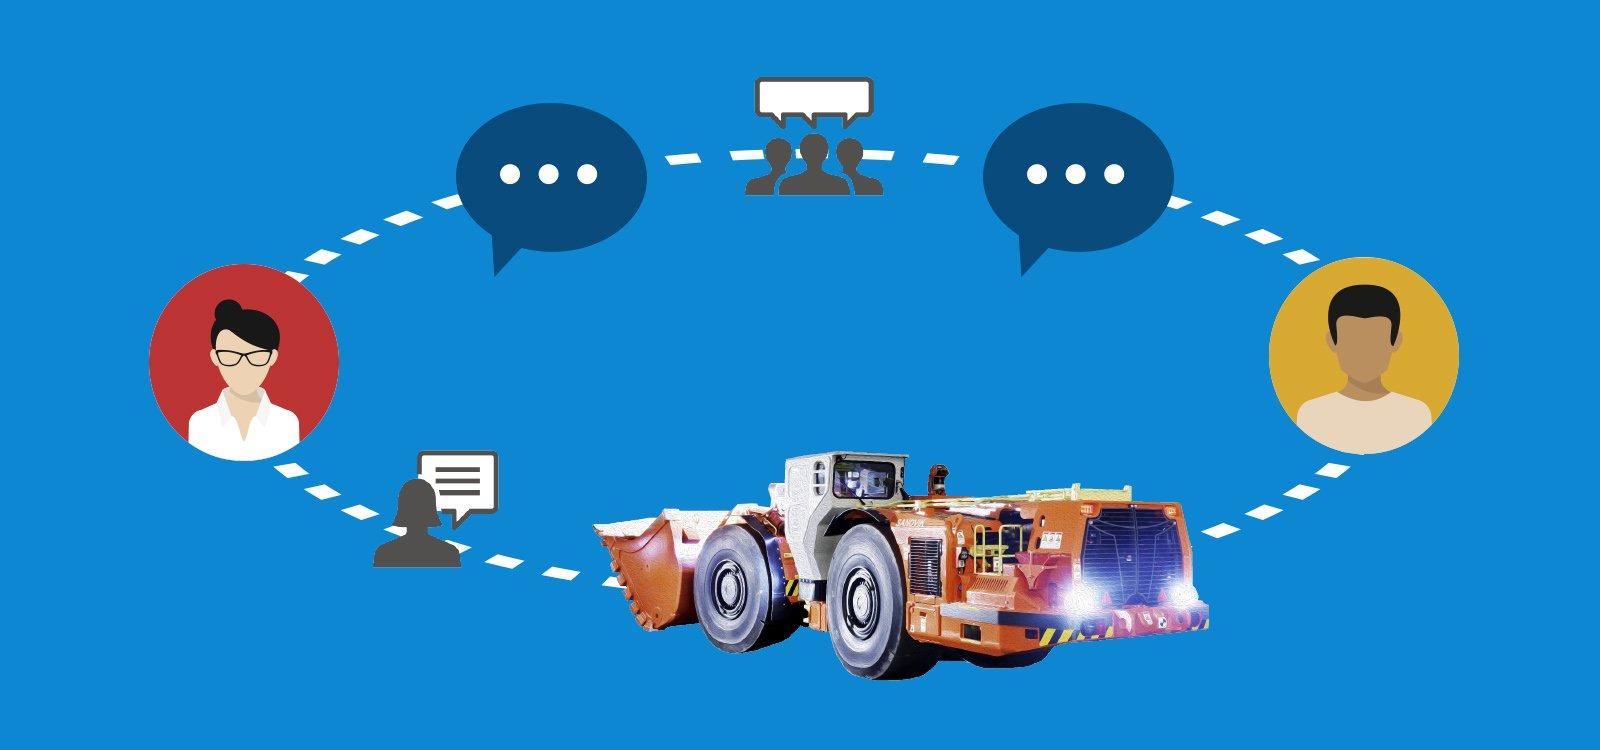 <p>Empresas inteligentes estão estabelecendo diálogos sistemáticos com seus principais clientes para entender em detalhes as suas necessidades e desejos.</p>